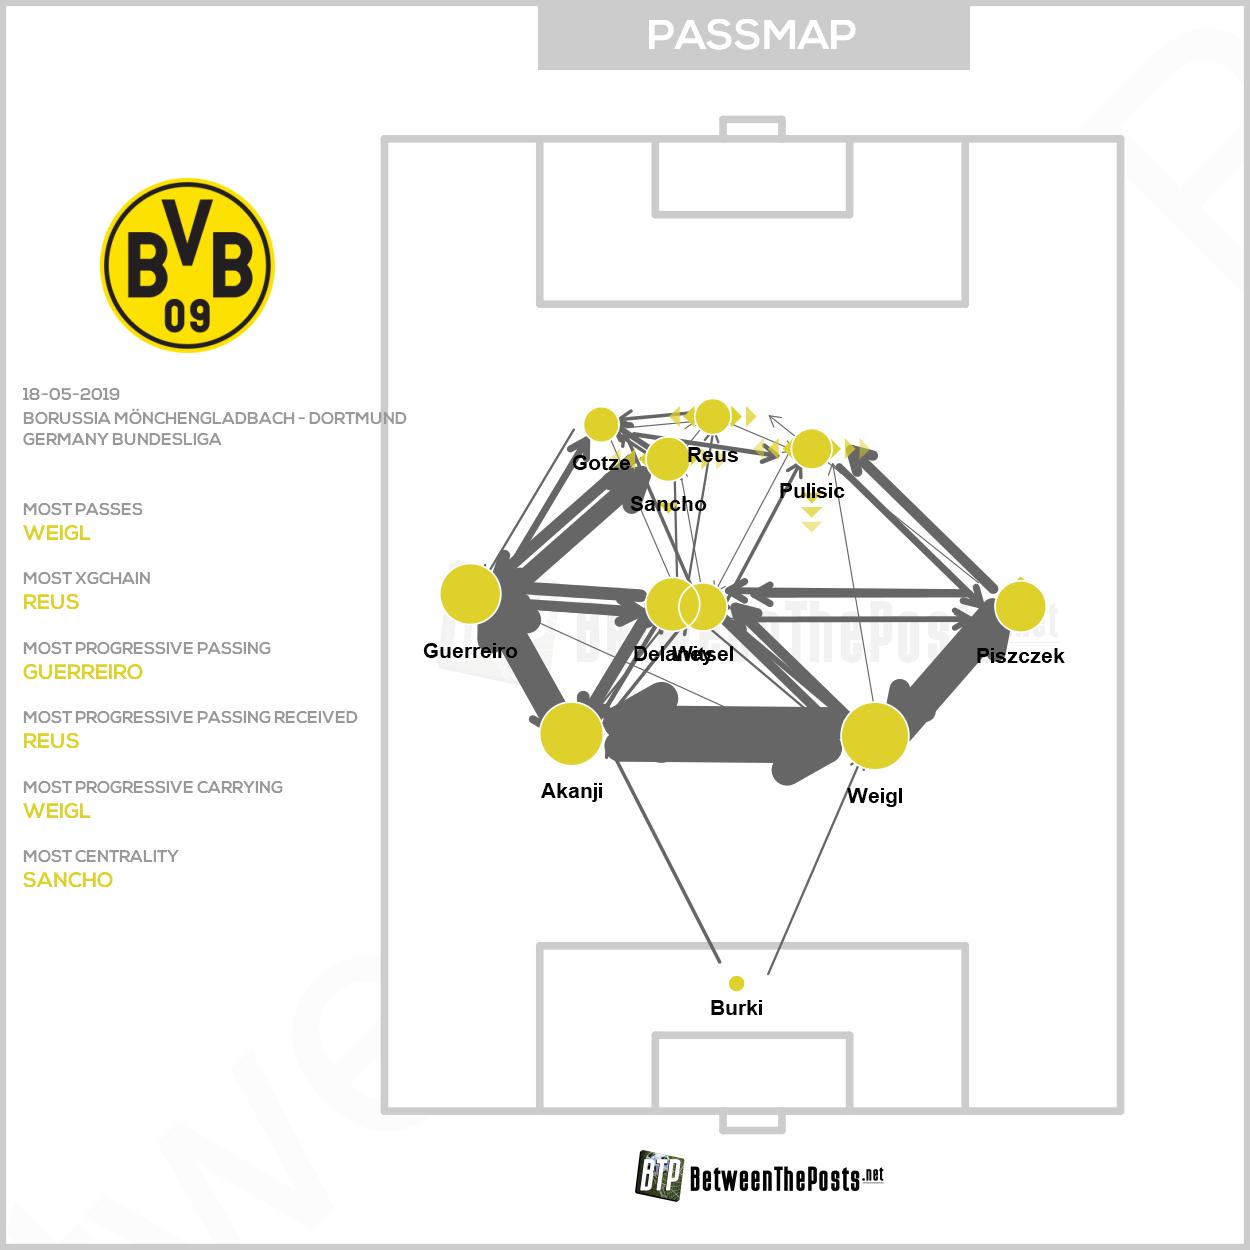 Passmap Borussia Mönchengladbach Borussia Dortmund 0-2 Bundesliga